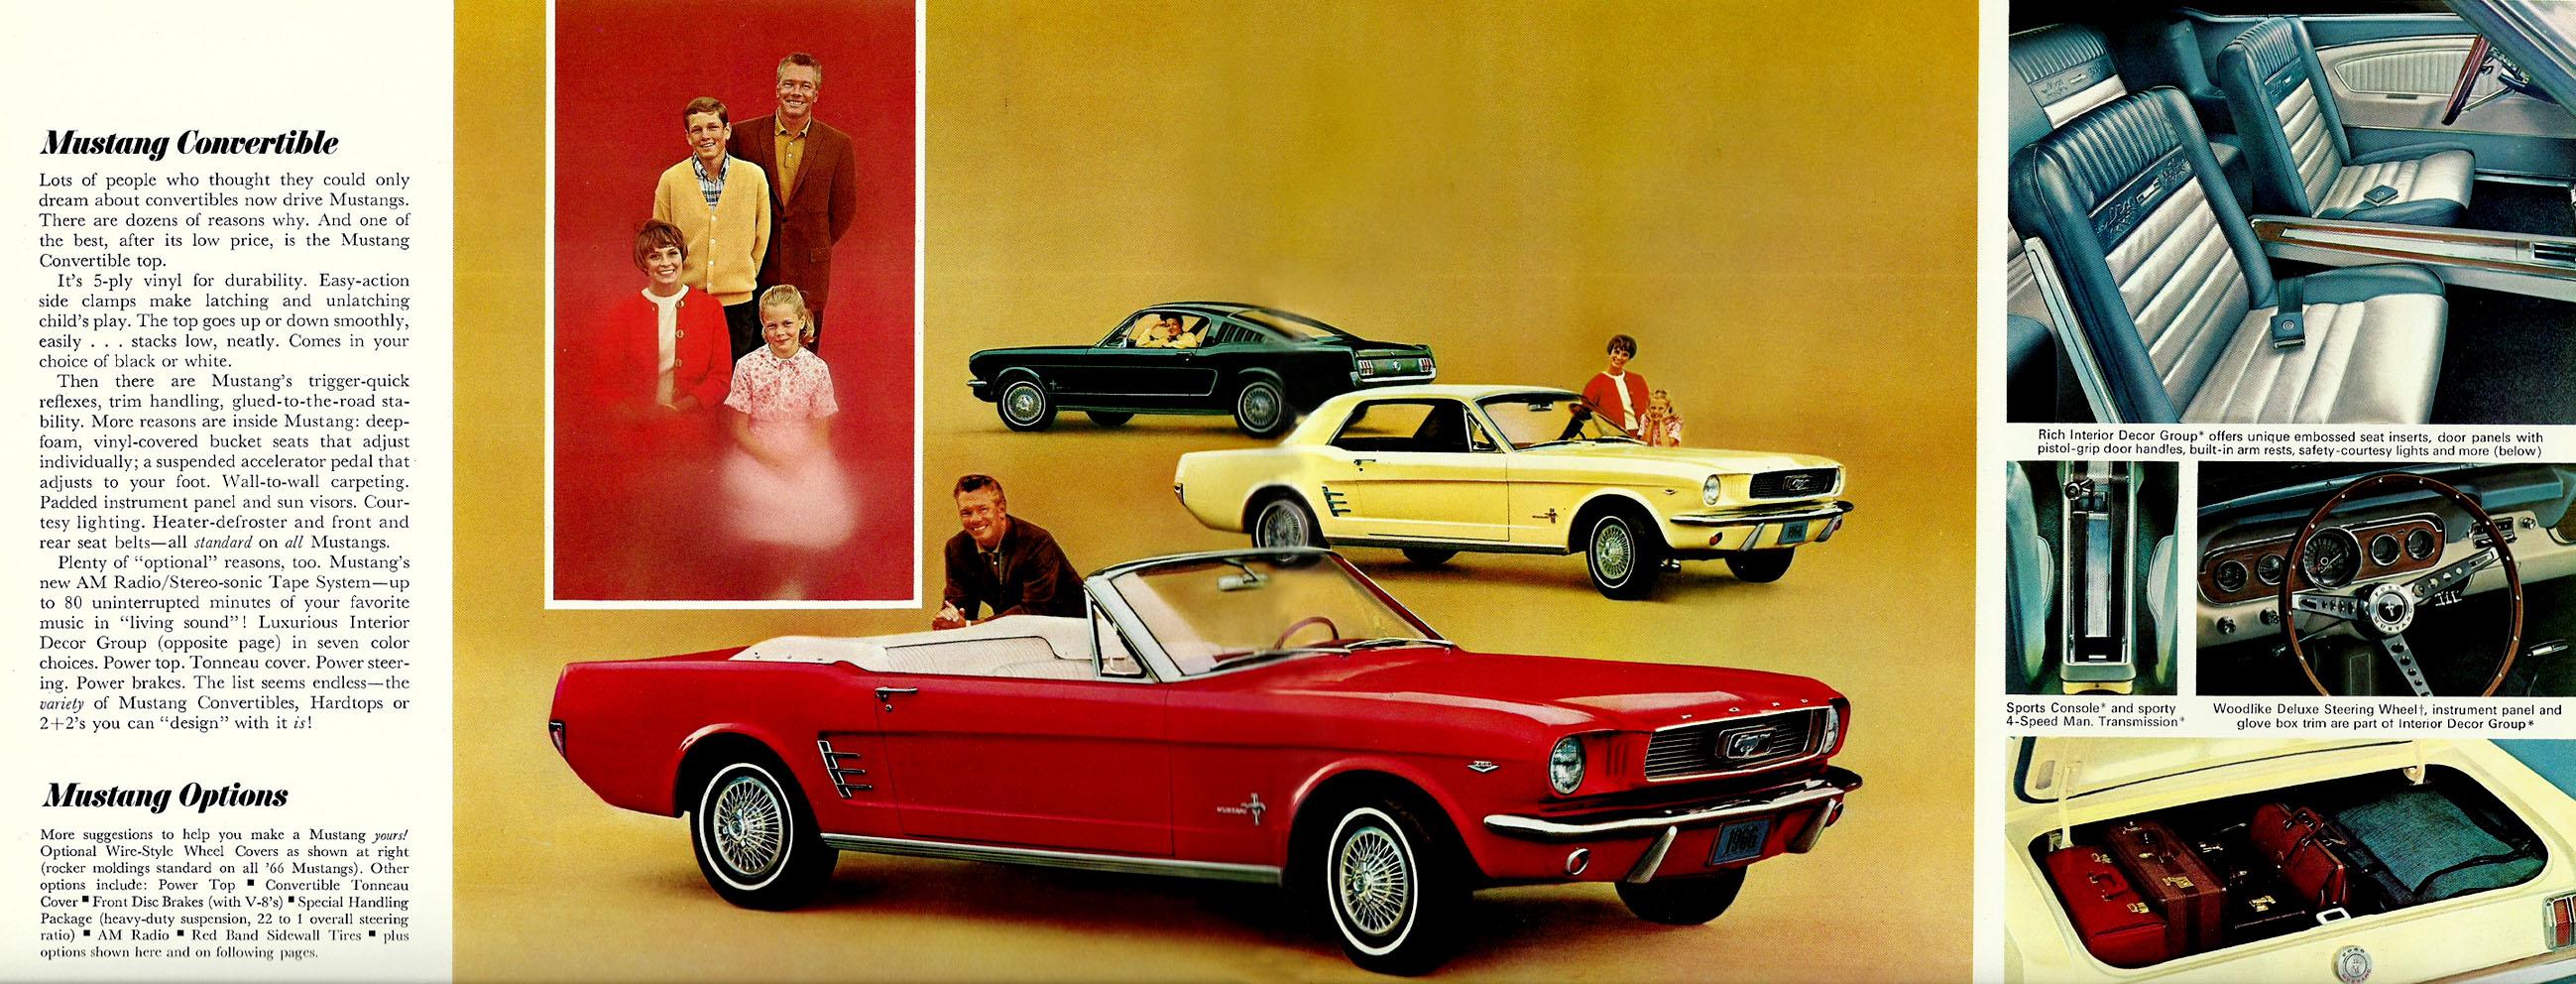 1966 Mustang Prospekt Seite 6-7